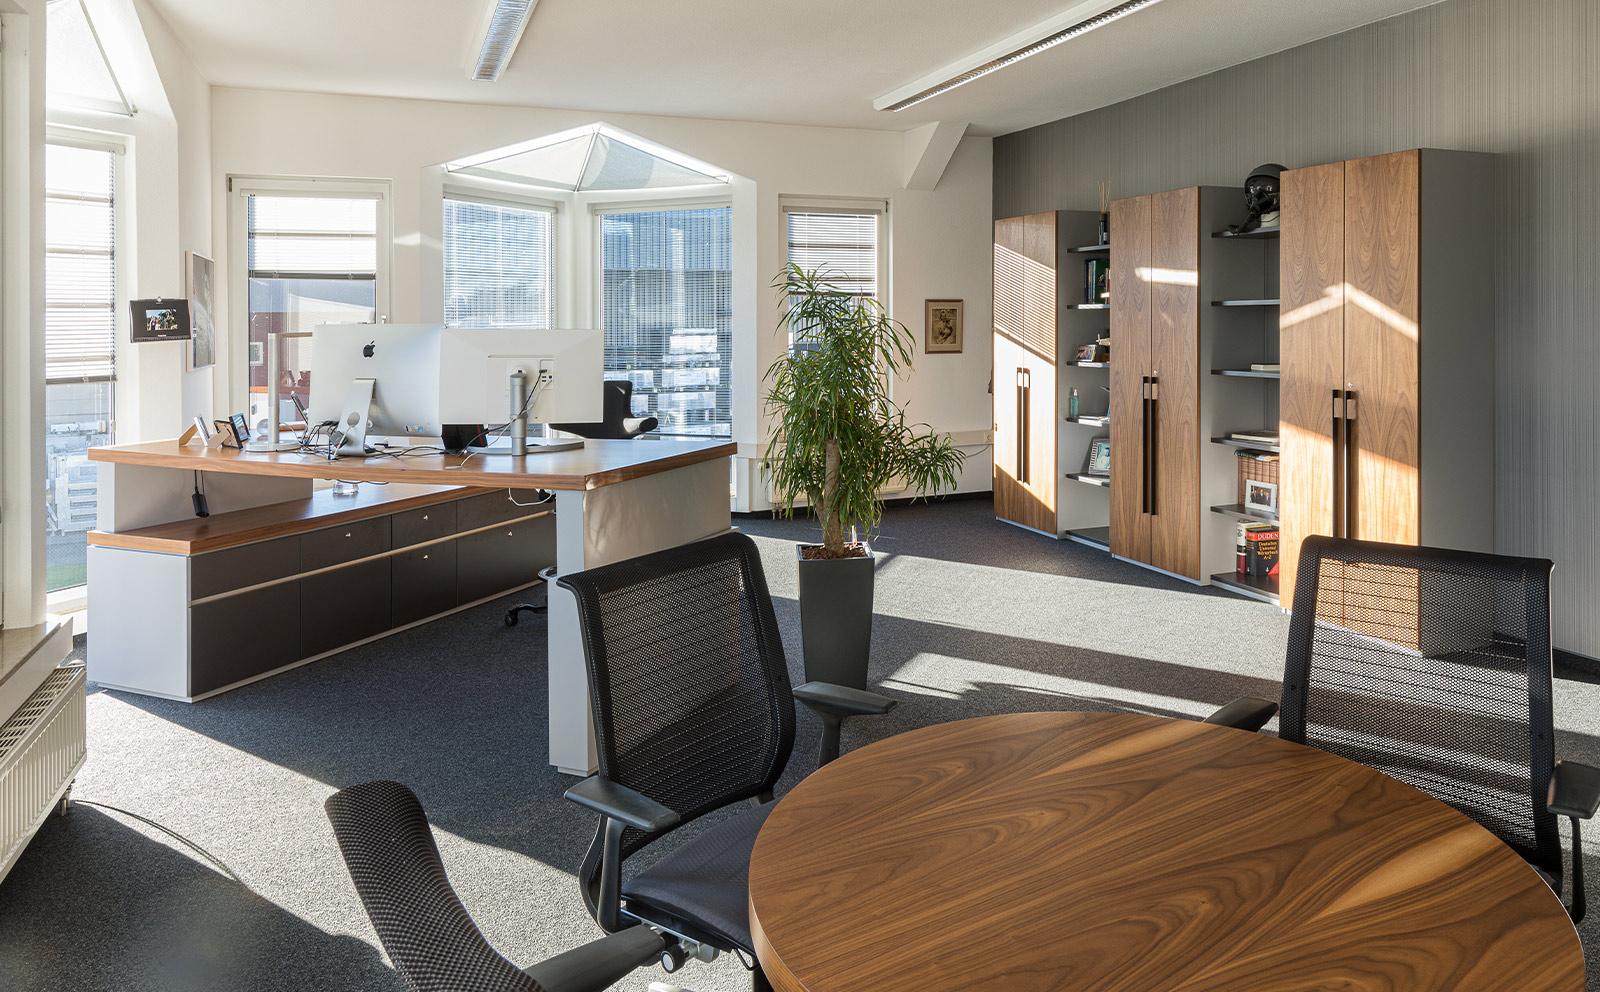 Indivuduell angepasste Schreibtische und Büromöbel